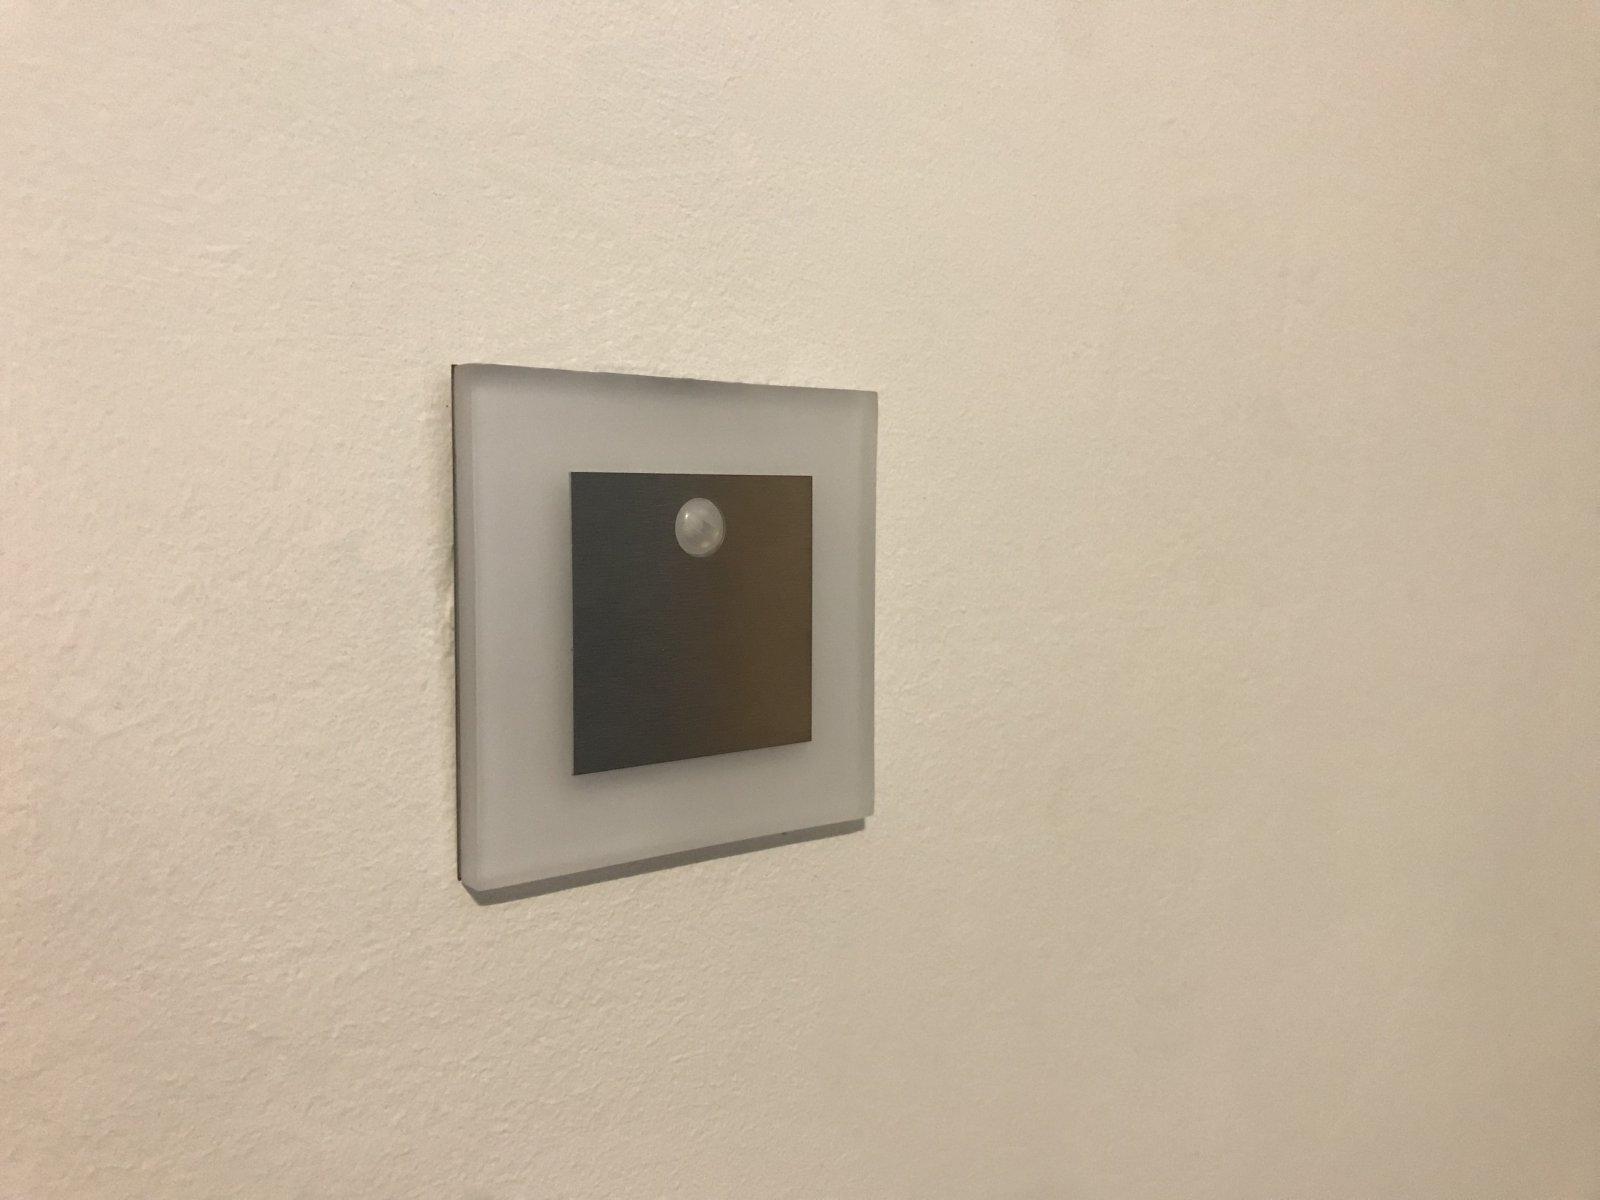 Beépíthető lapos lámpa Kanlux Apus LED Pir 12V